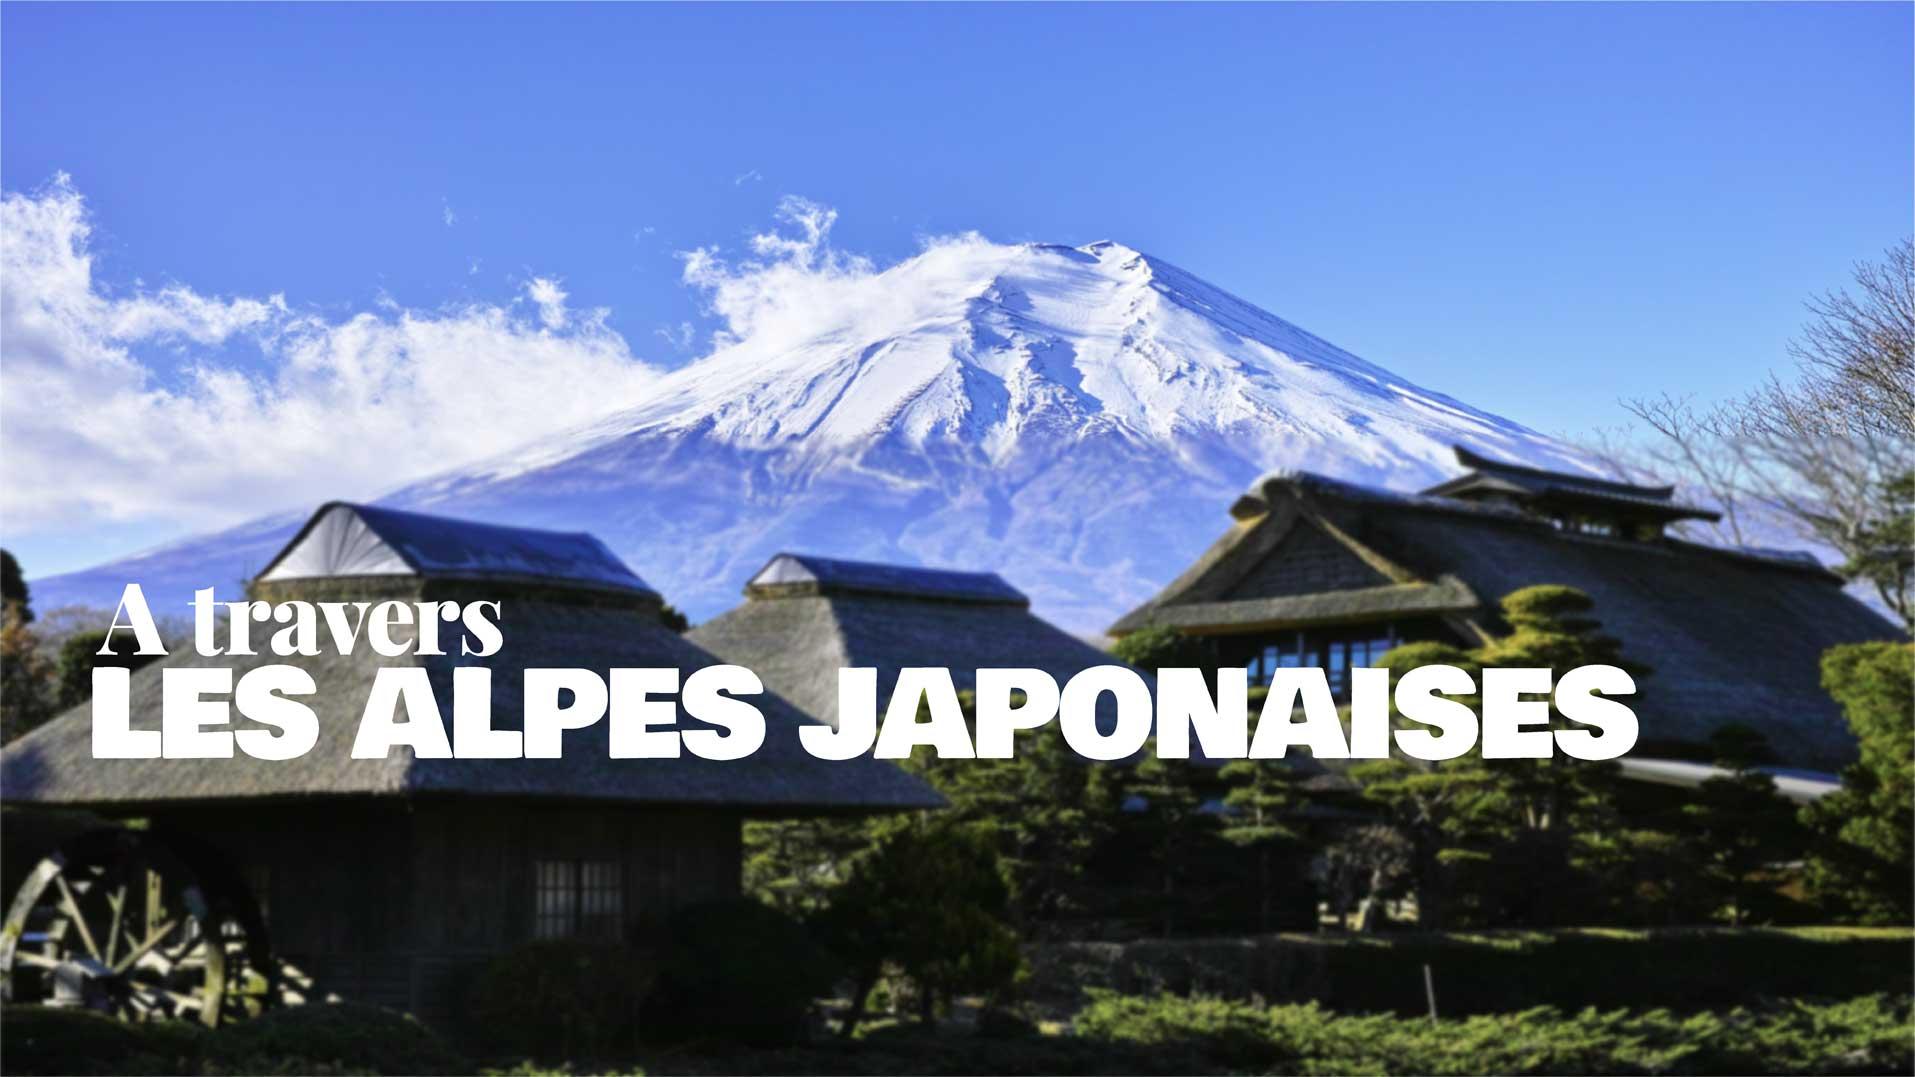 A travers les Alpes japonaises